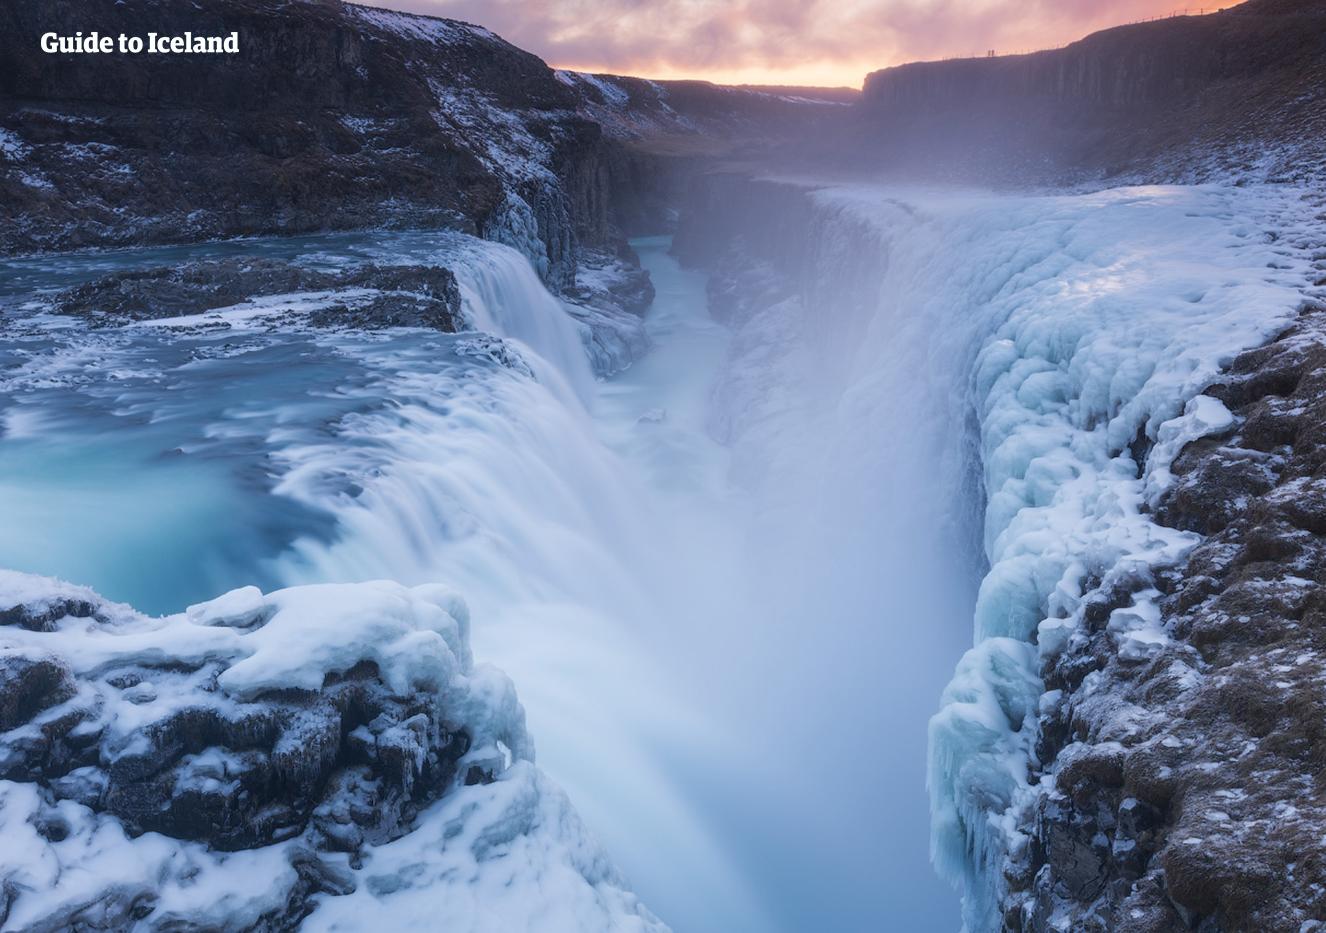 La cascada de Gullfoss es hermosa cuando se viste con el traje de invierno.